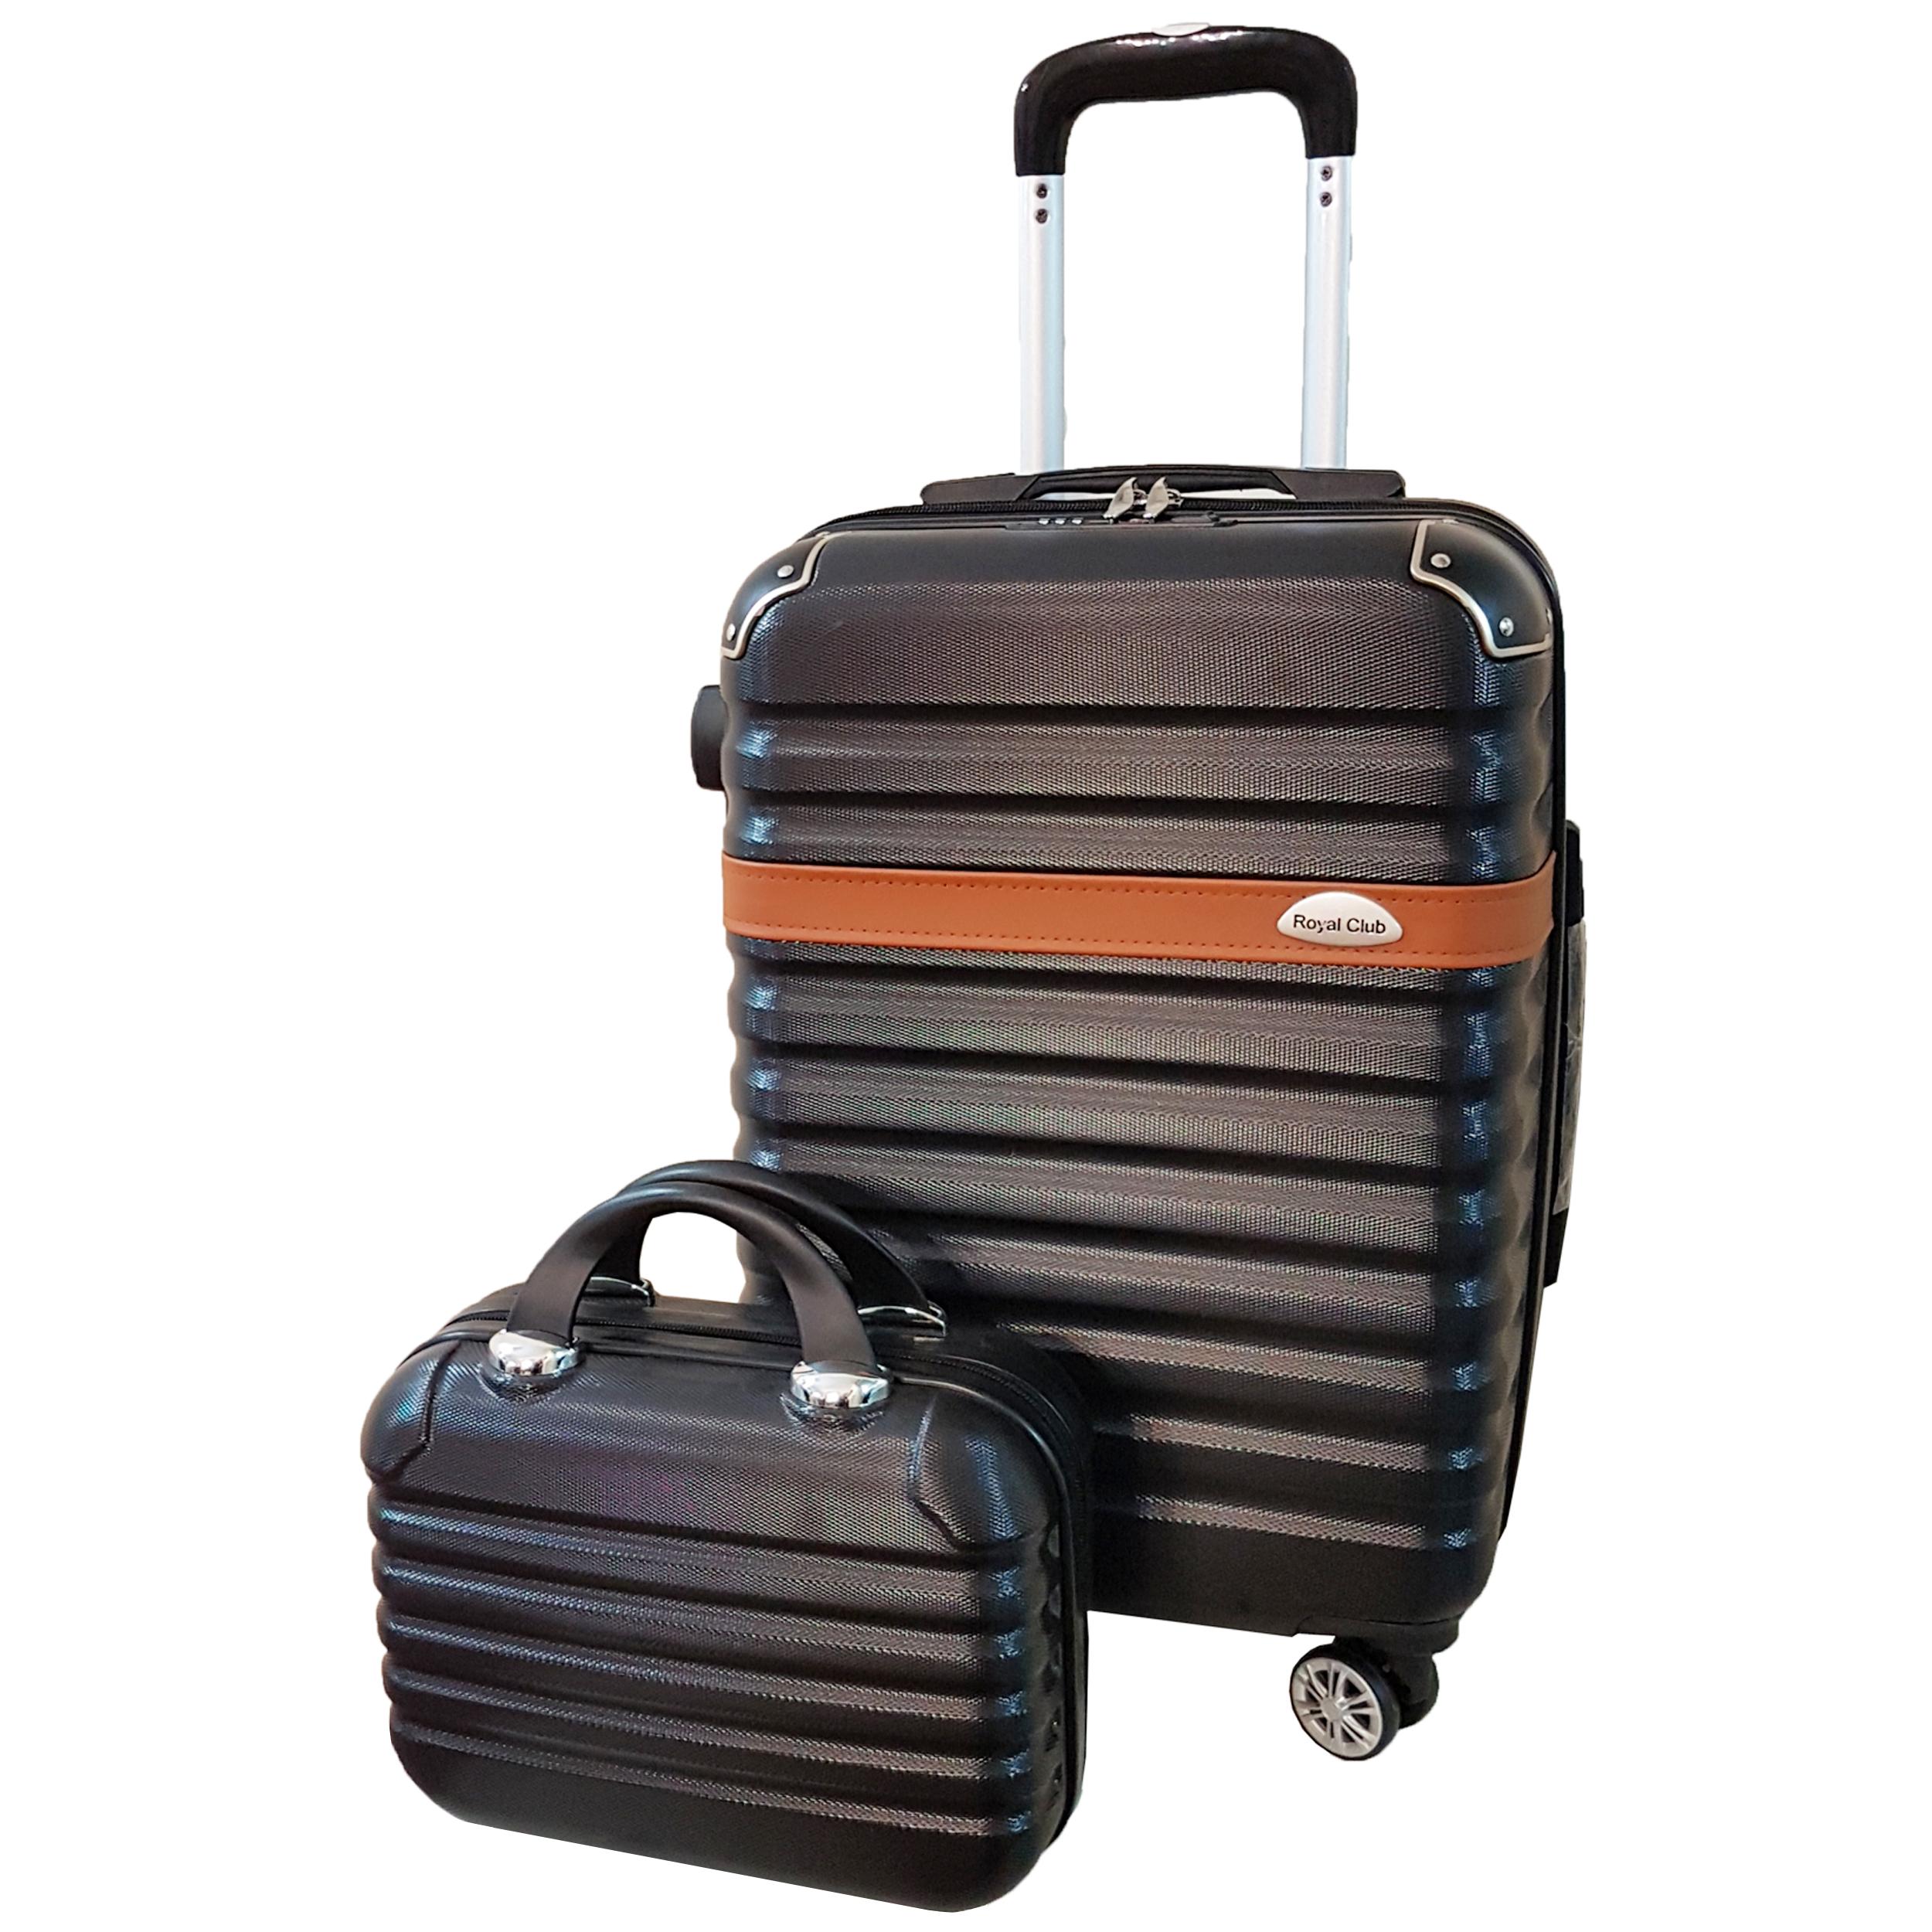 مجموعه 2 عددی چمدان رویال کلاب سایز s مدل kh200  